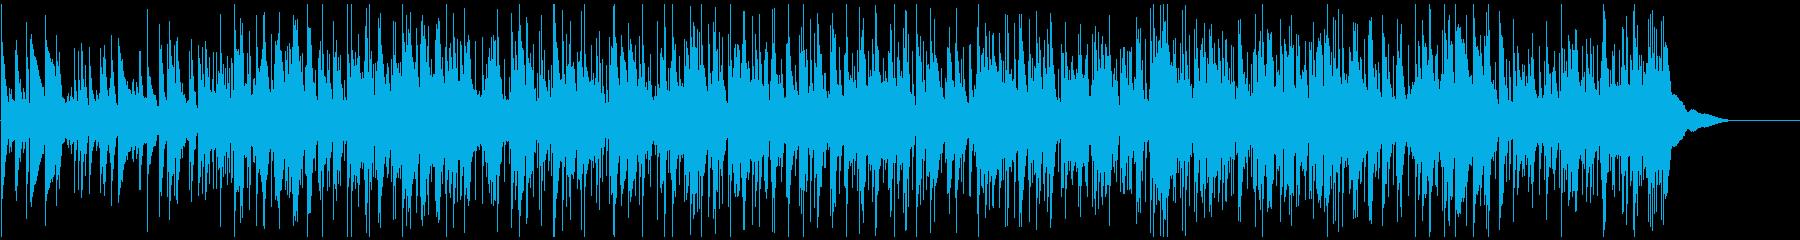 ほのぼのとしたアコースティックバラードの再生済みの波形